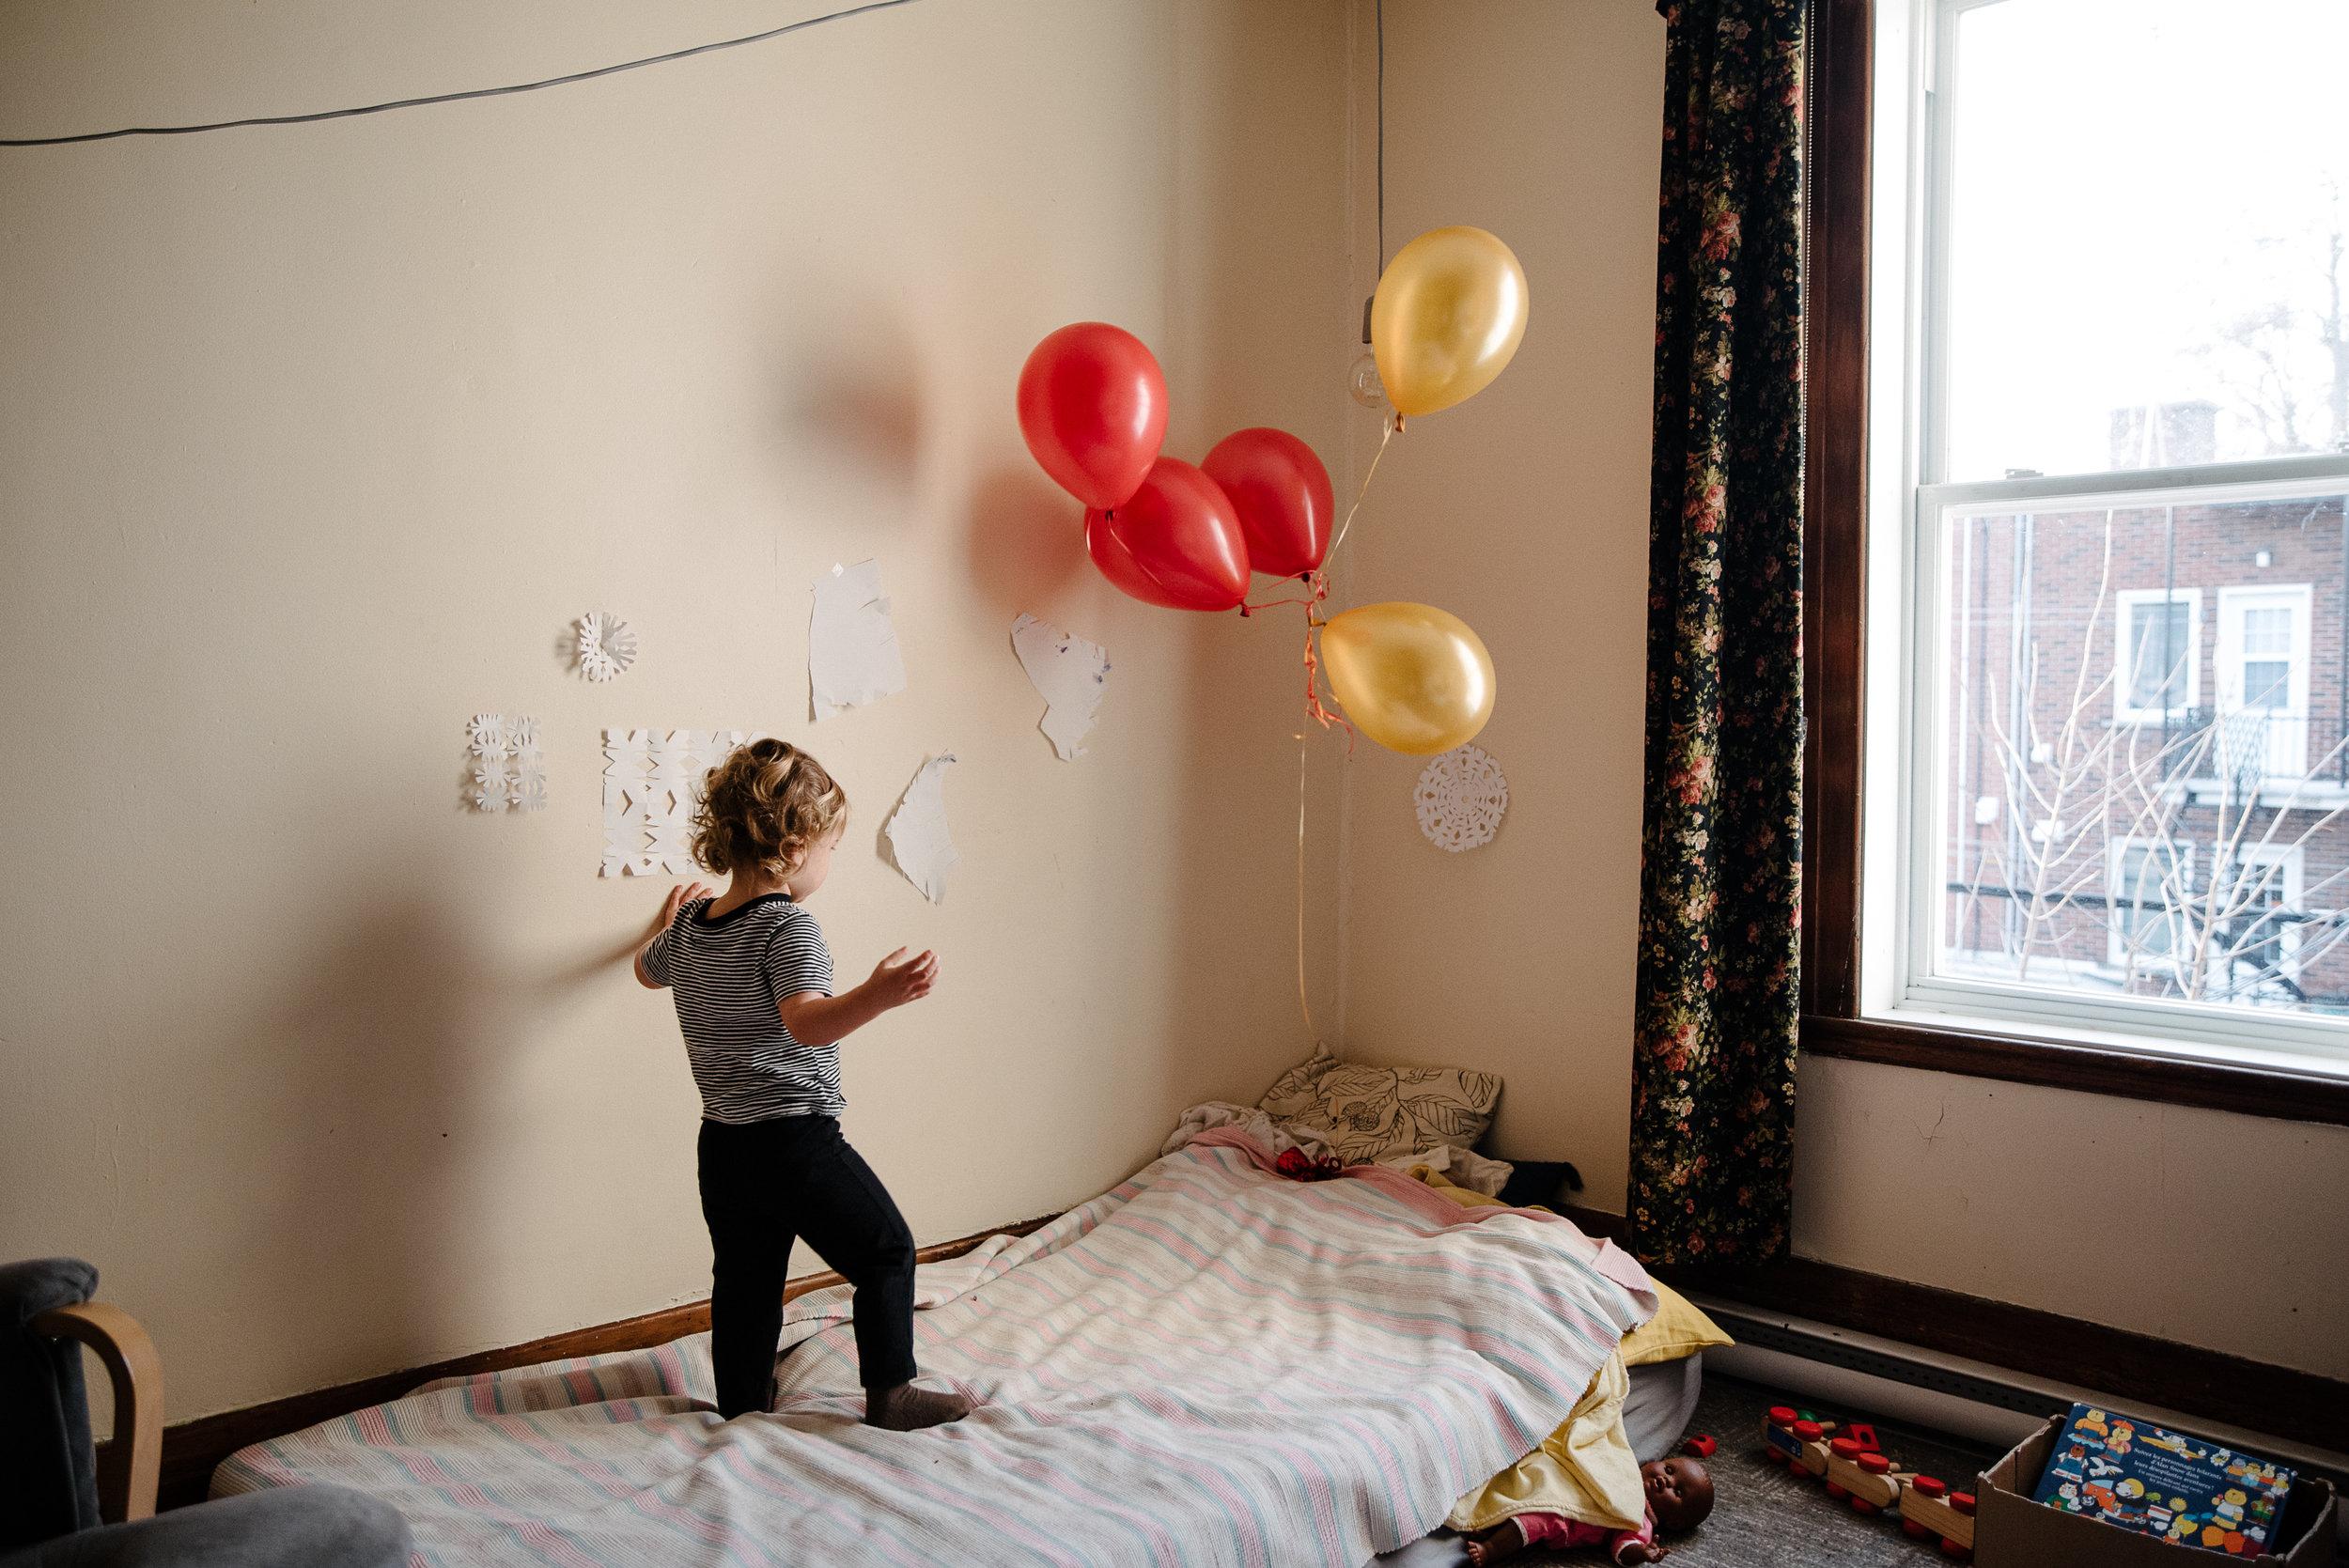 020-photo-dun-enfant-jouant-avec-un-bouqet-de-ballons-flottants-debout-sur-son-lit-photographe-lifestyle-famille-a-montreal-1423.jpg